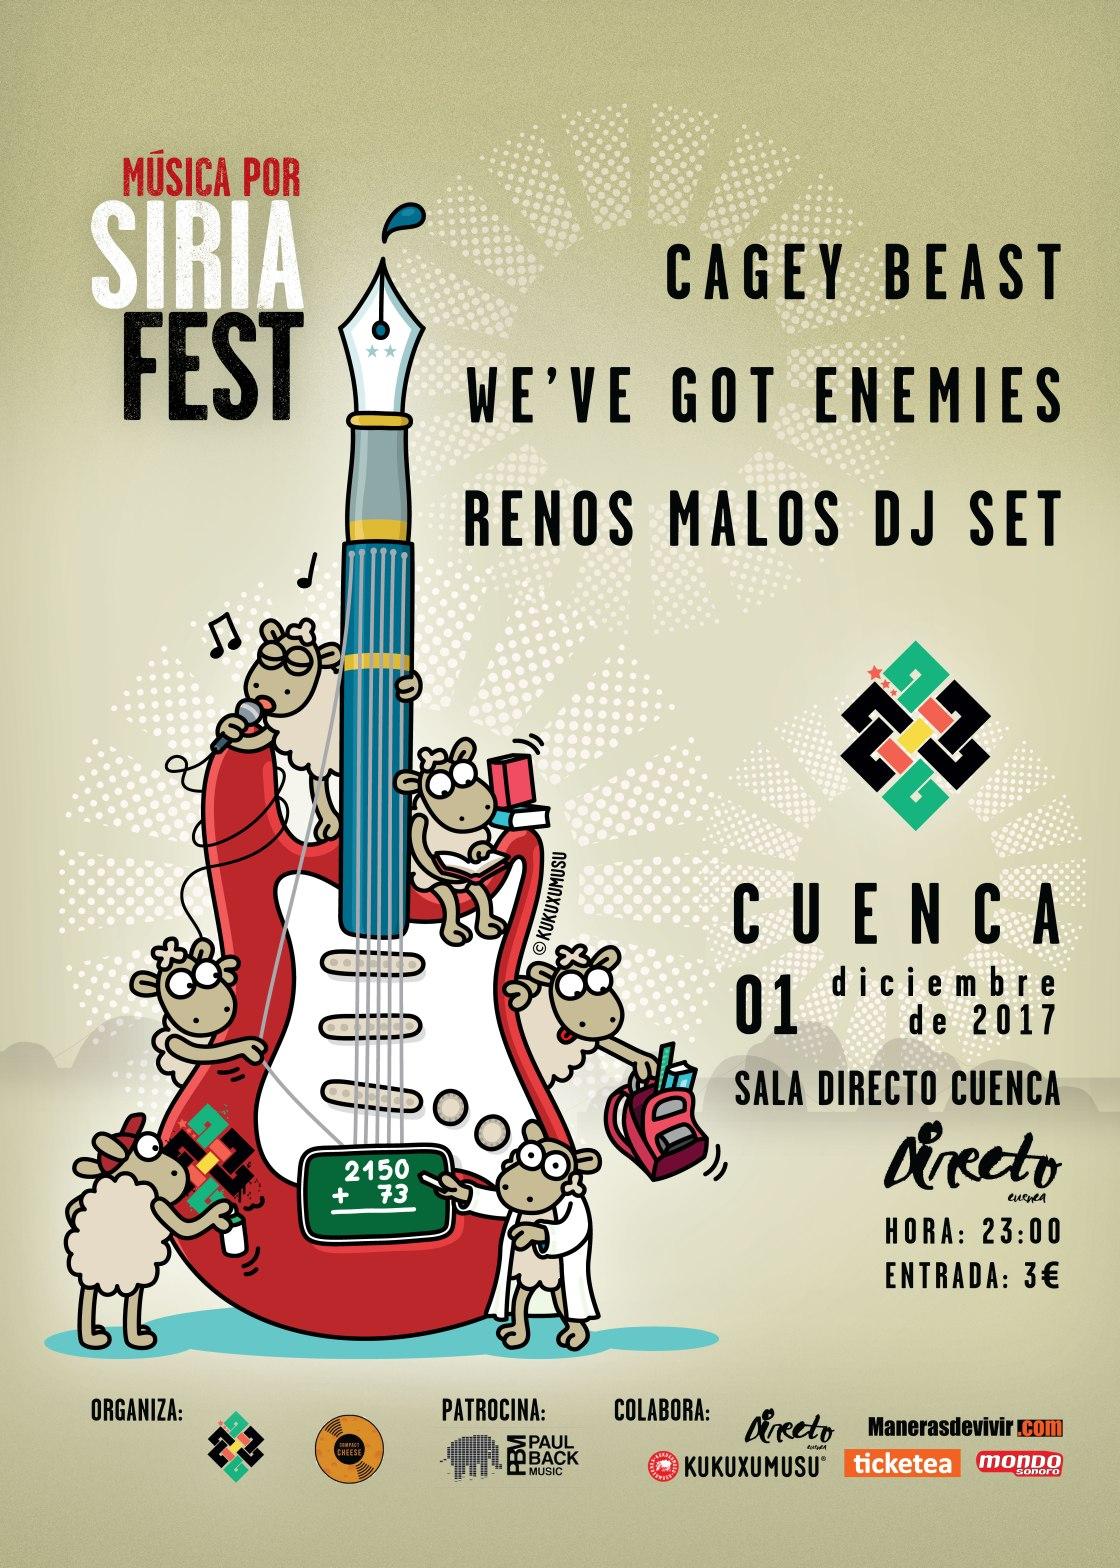 Music Por Siria Fest llega a Cuenca